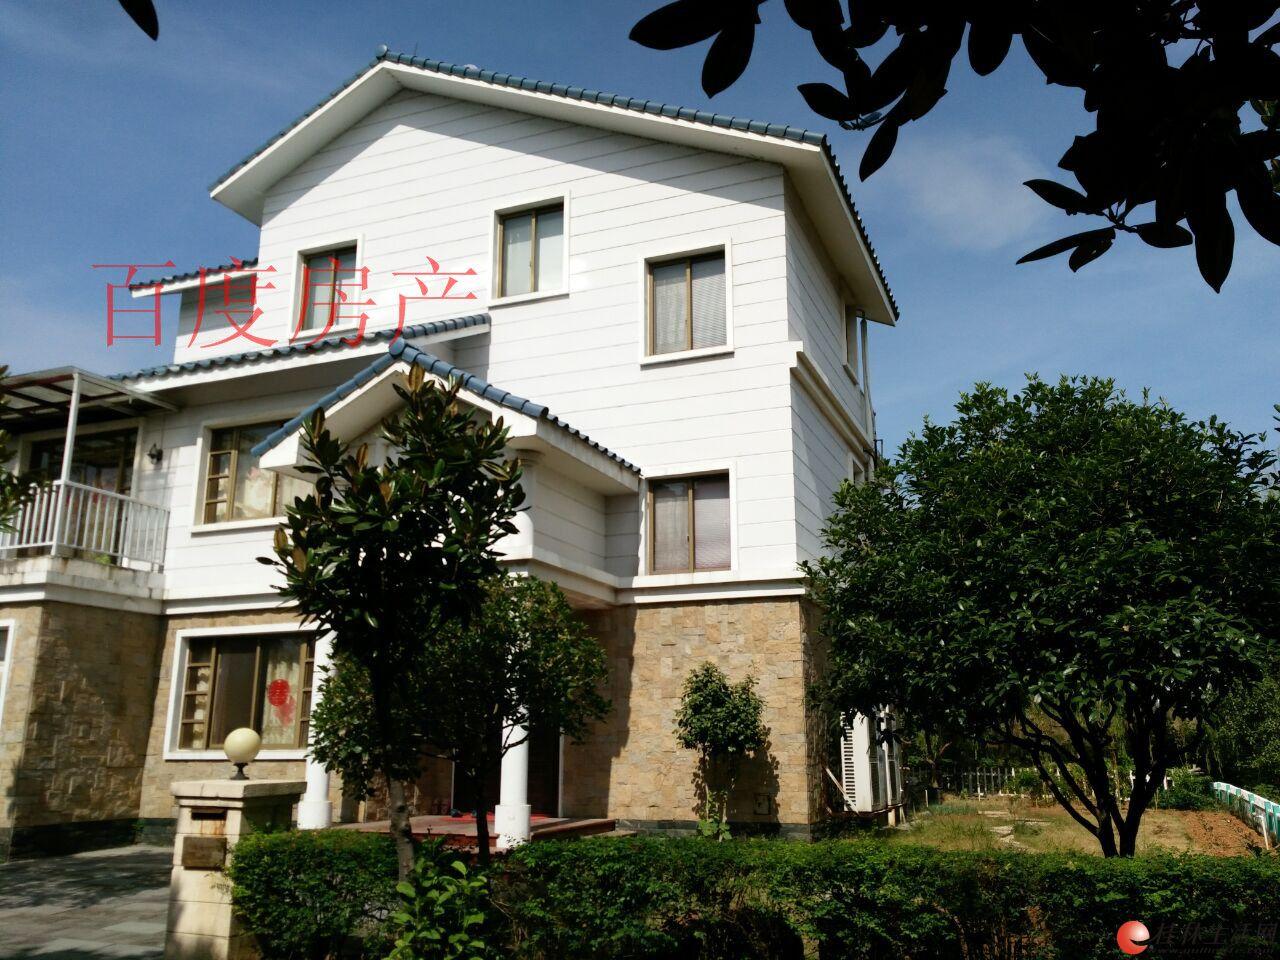 W只要230万拥有九里香堤带车库独栋大别墅,占地500多平方,产权300!三层独栋